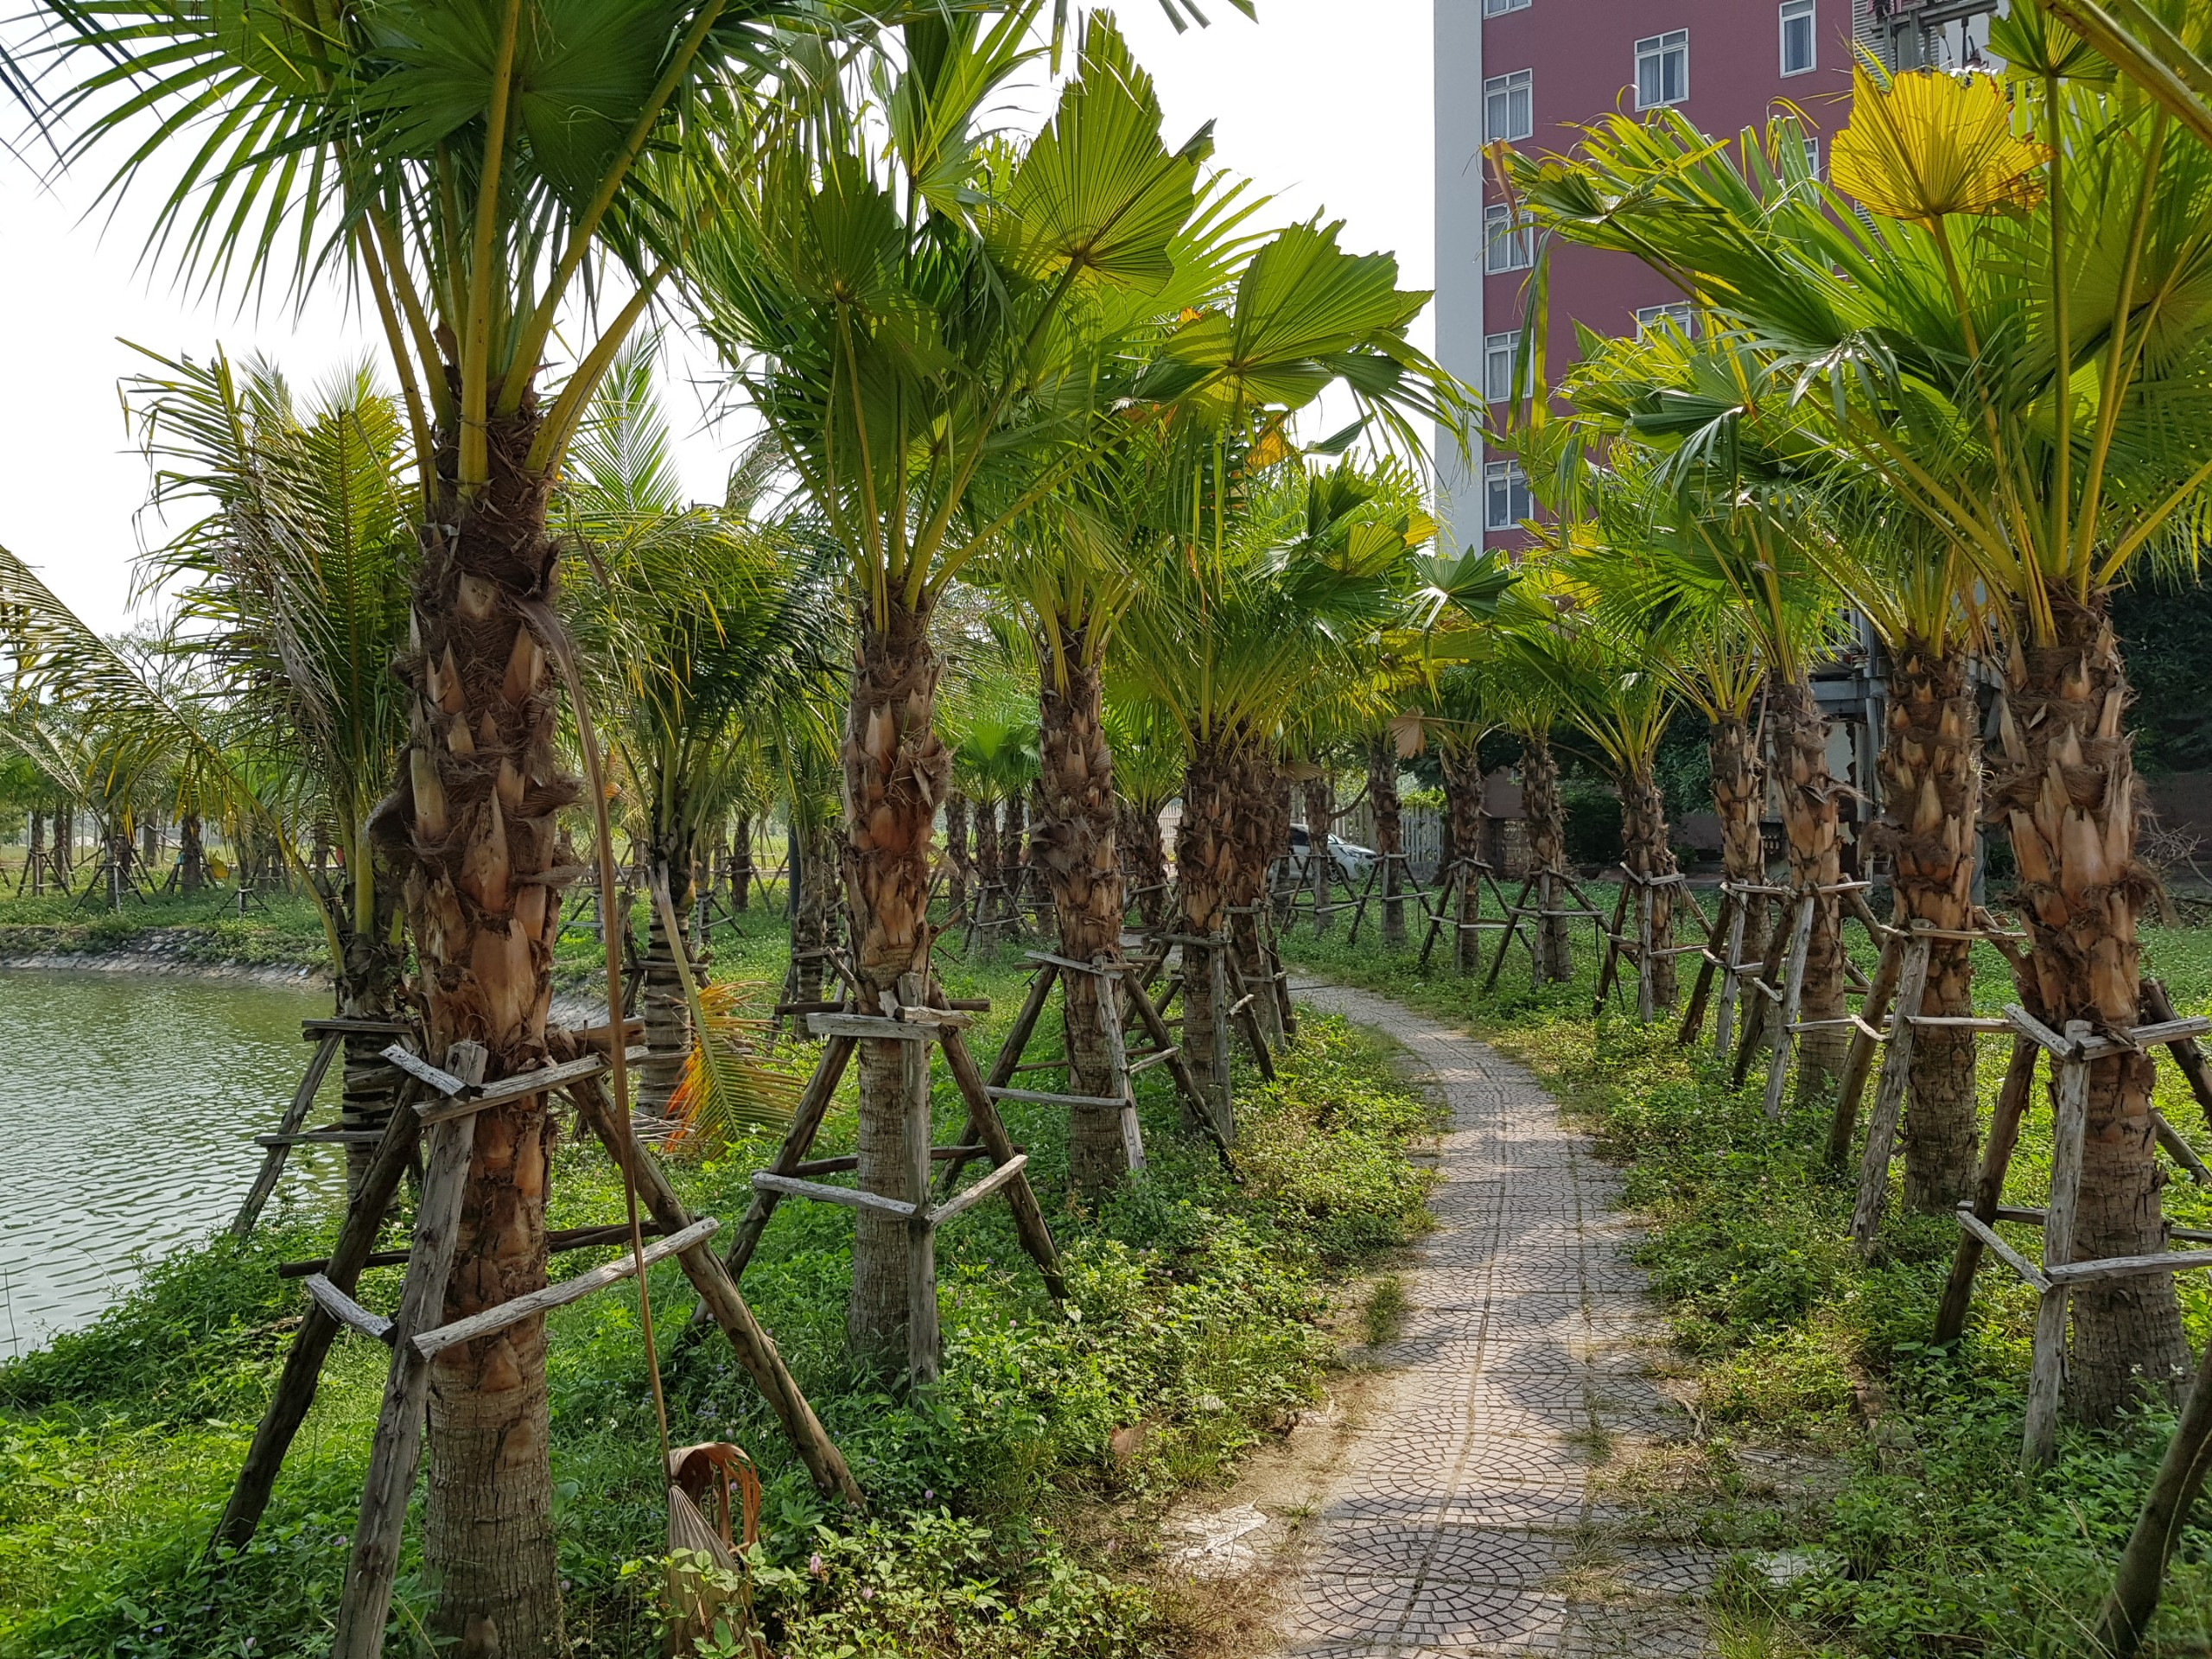 Rừng Cọ - Palm City quanh hồ điều hòa Chí Linh Palm City